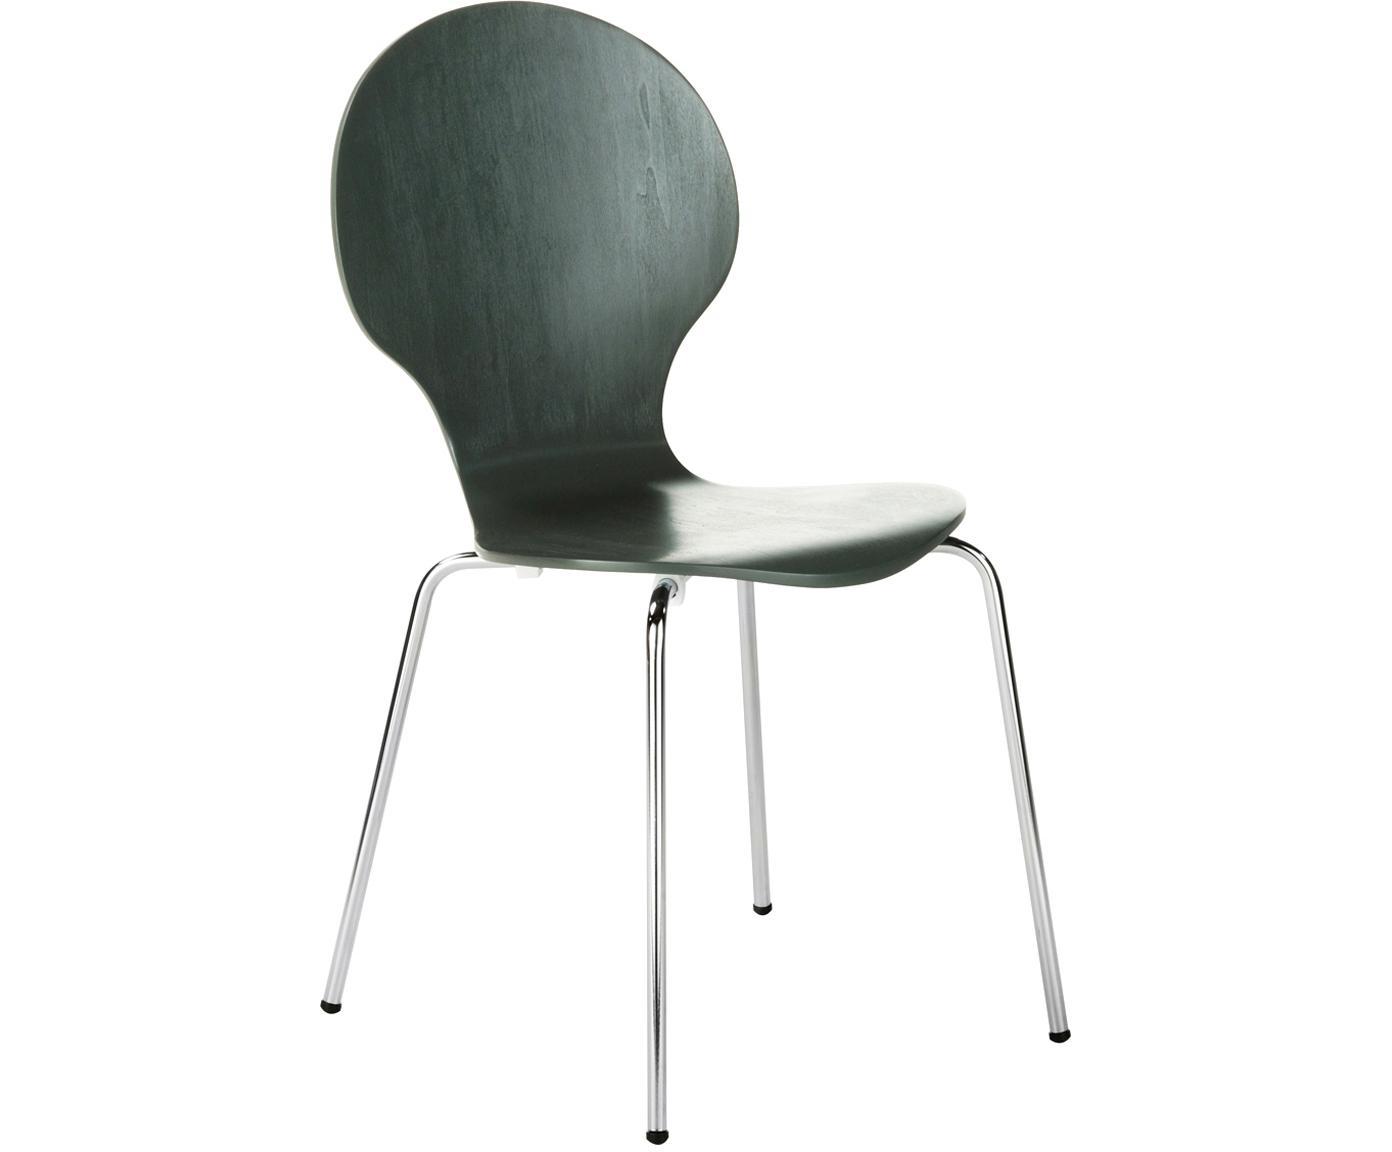 Sillas Marcus, 4 uds., Asiento: tablero de fibras de dens, Estructura: acero, cromado, Gris, An 49 x Al 87 cm